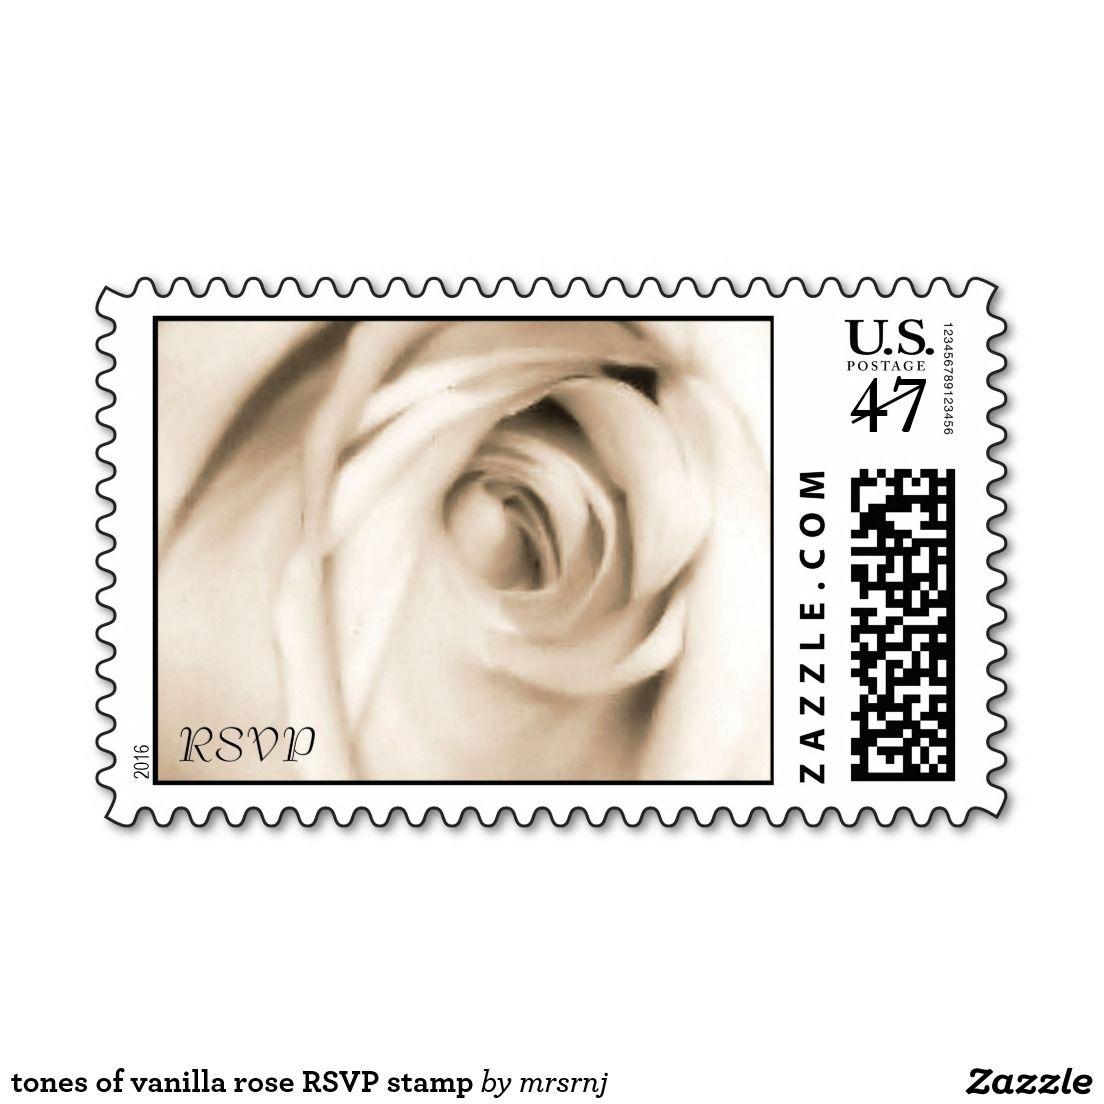 tones of vanilla rose RSVP stamp